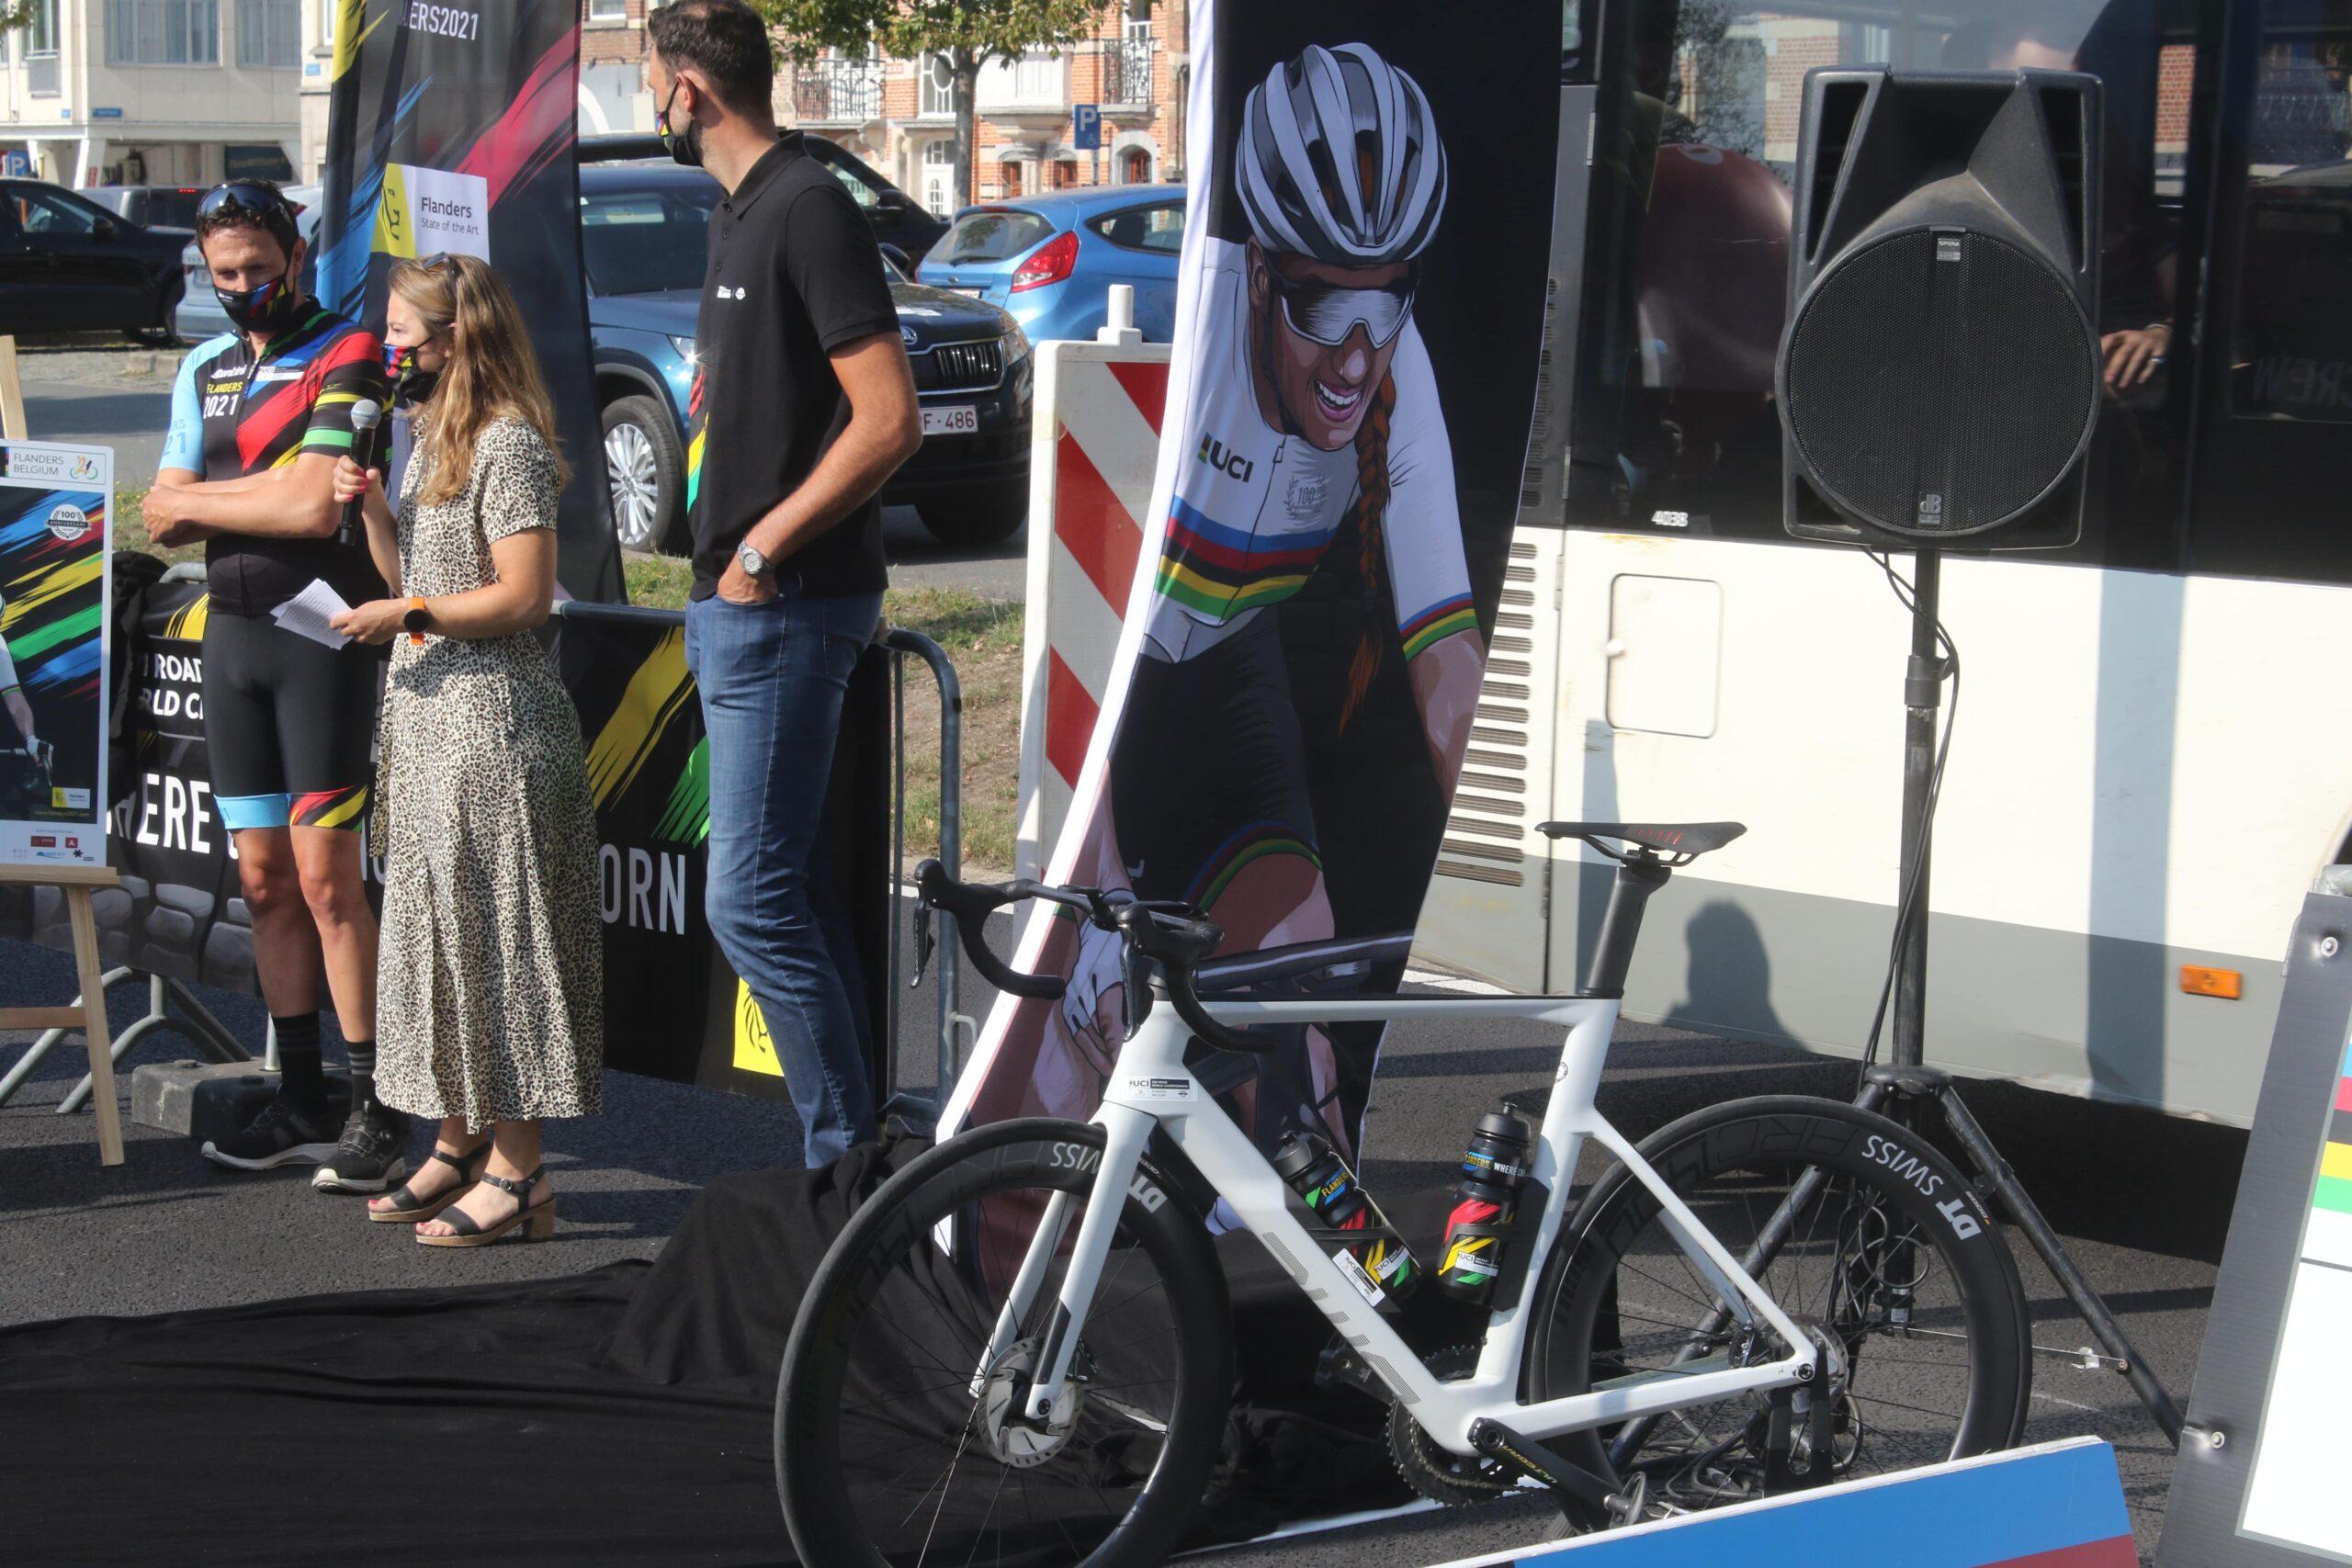 Eerste finish in Overijse brengt sterke rensters naar Brabantse Pijl